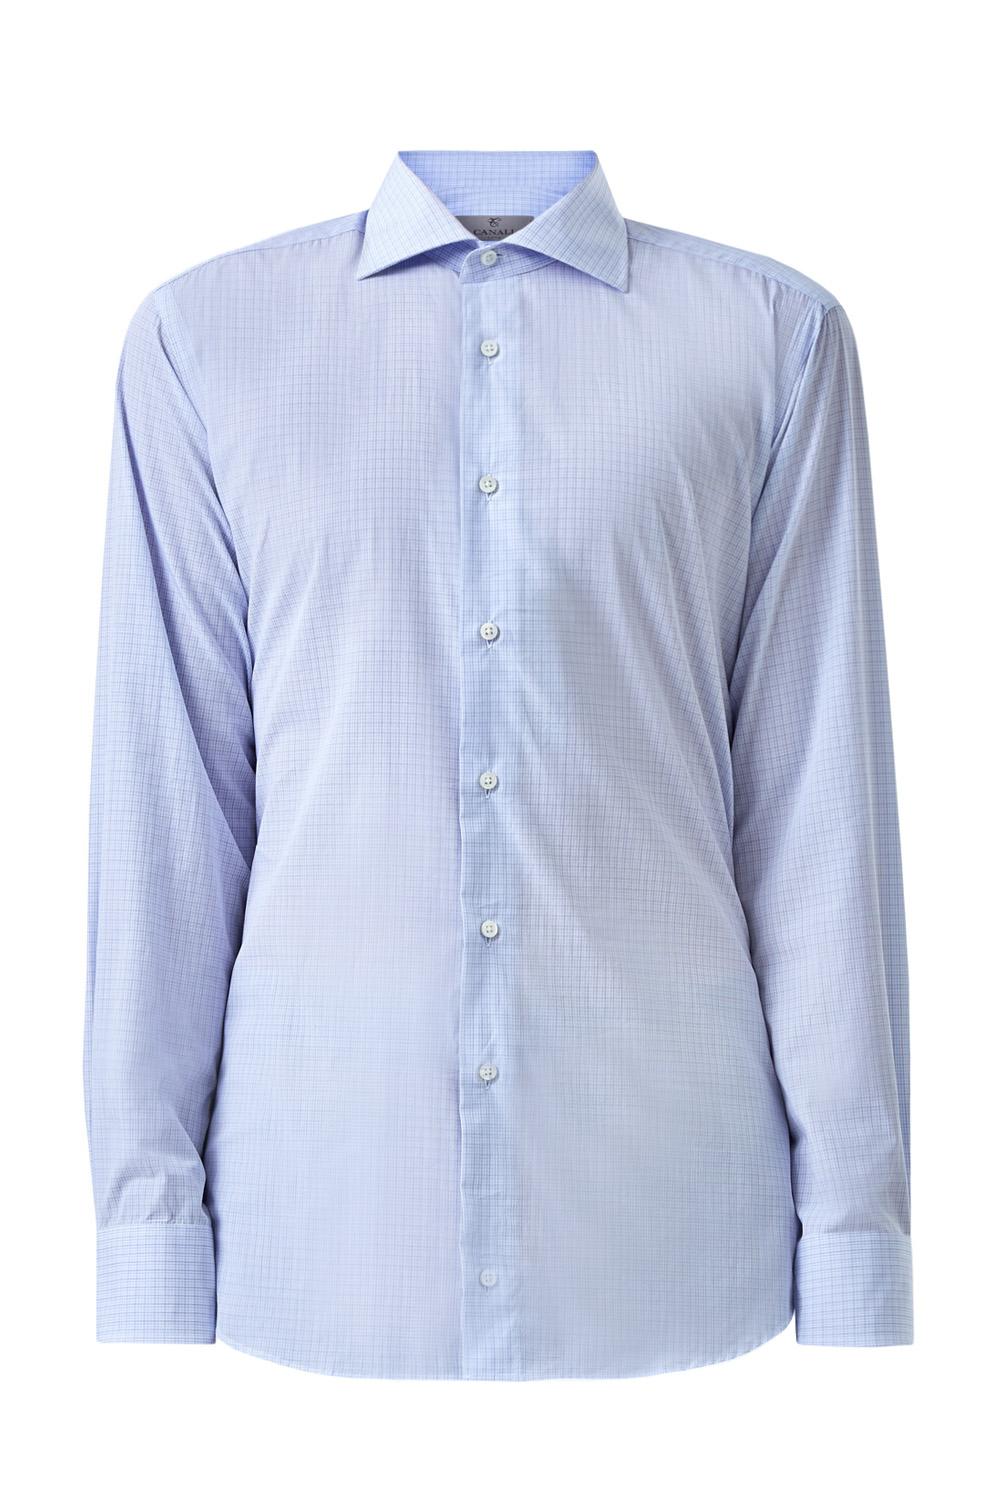 Классическая голубая рубашка из поплина с принтом в клетку